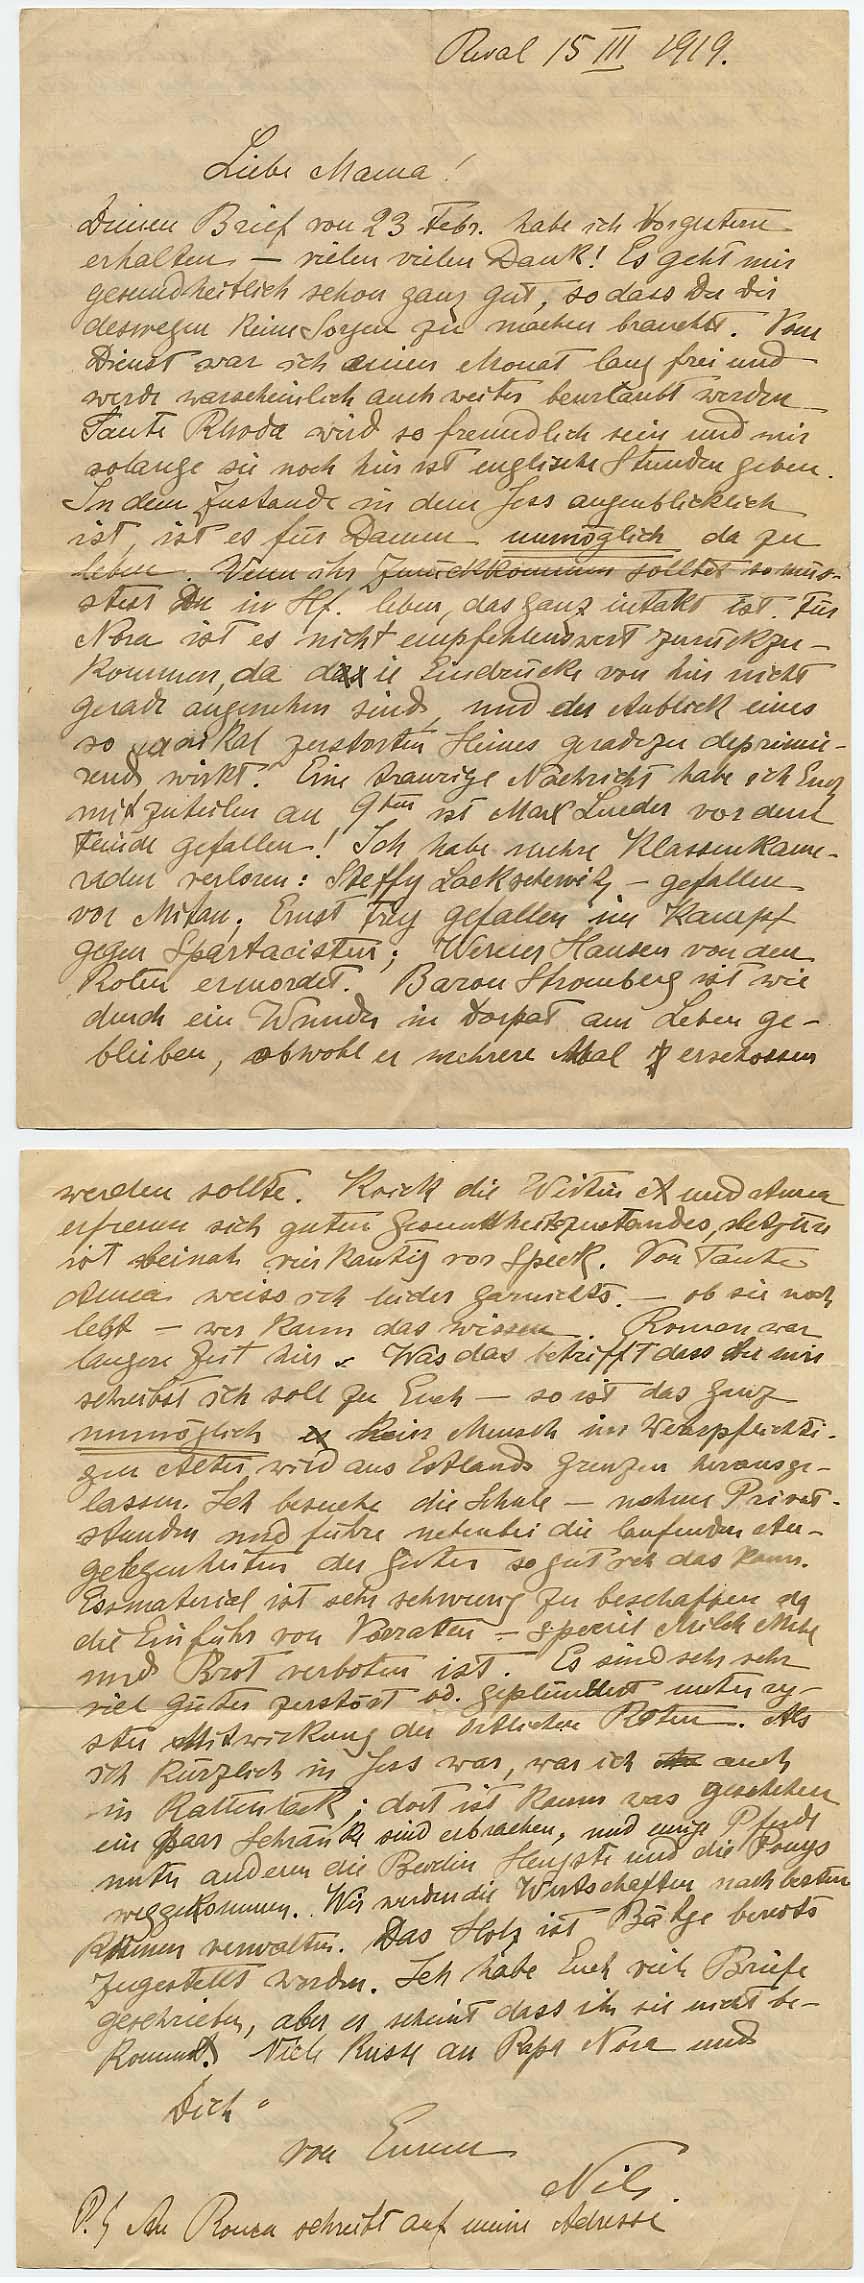 15. märtsi 1919. a. emale saadetud kirjas kirjeldas 19-aastane Tallinnas puhkusel viibiv Nils von Ungern-Sternberg tema kaaslaste ja koolikaaslaste saatust. RA, EAA.1423.1-158